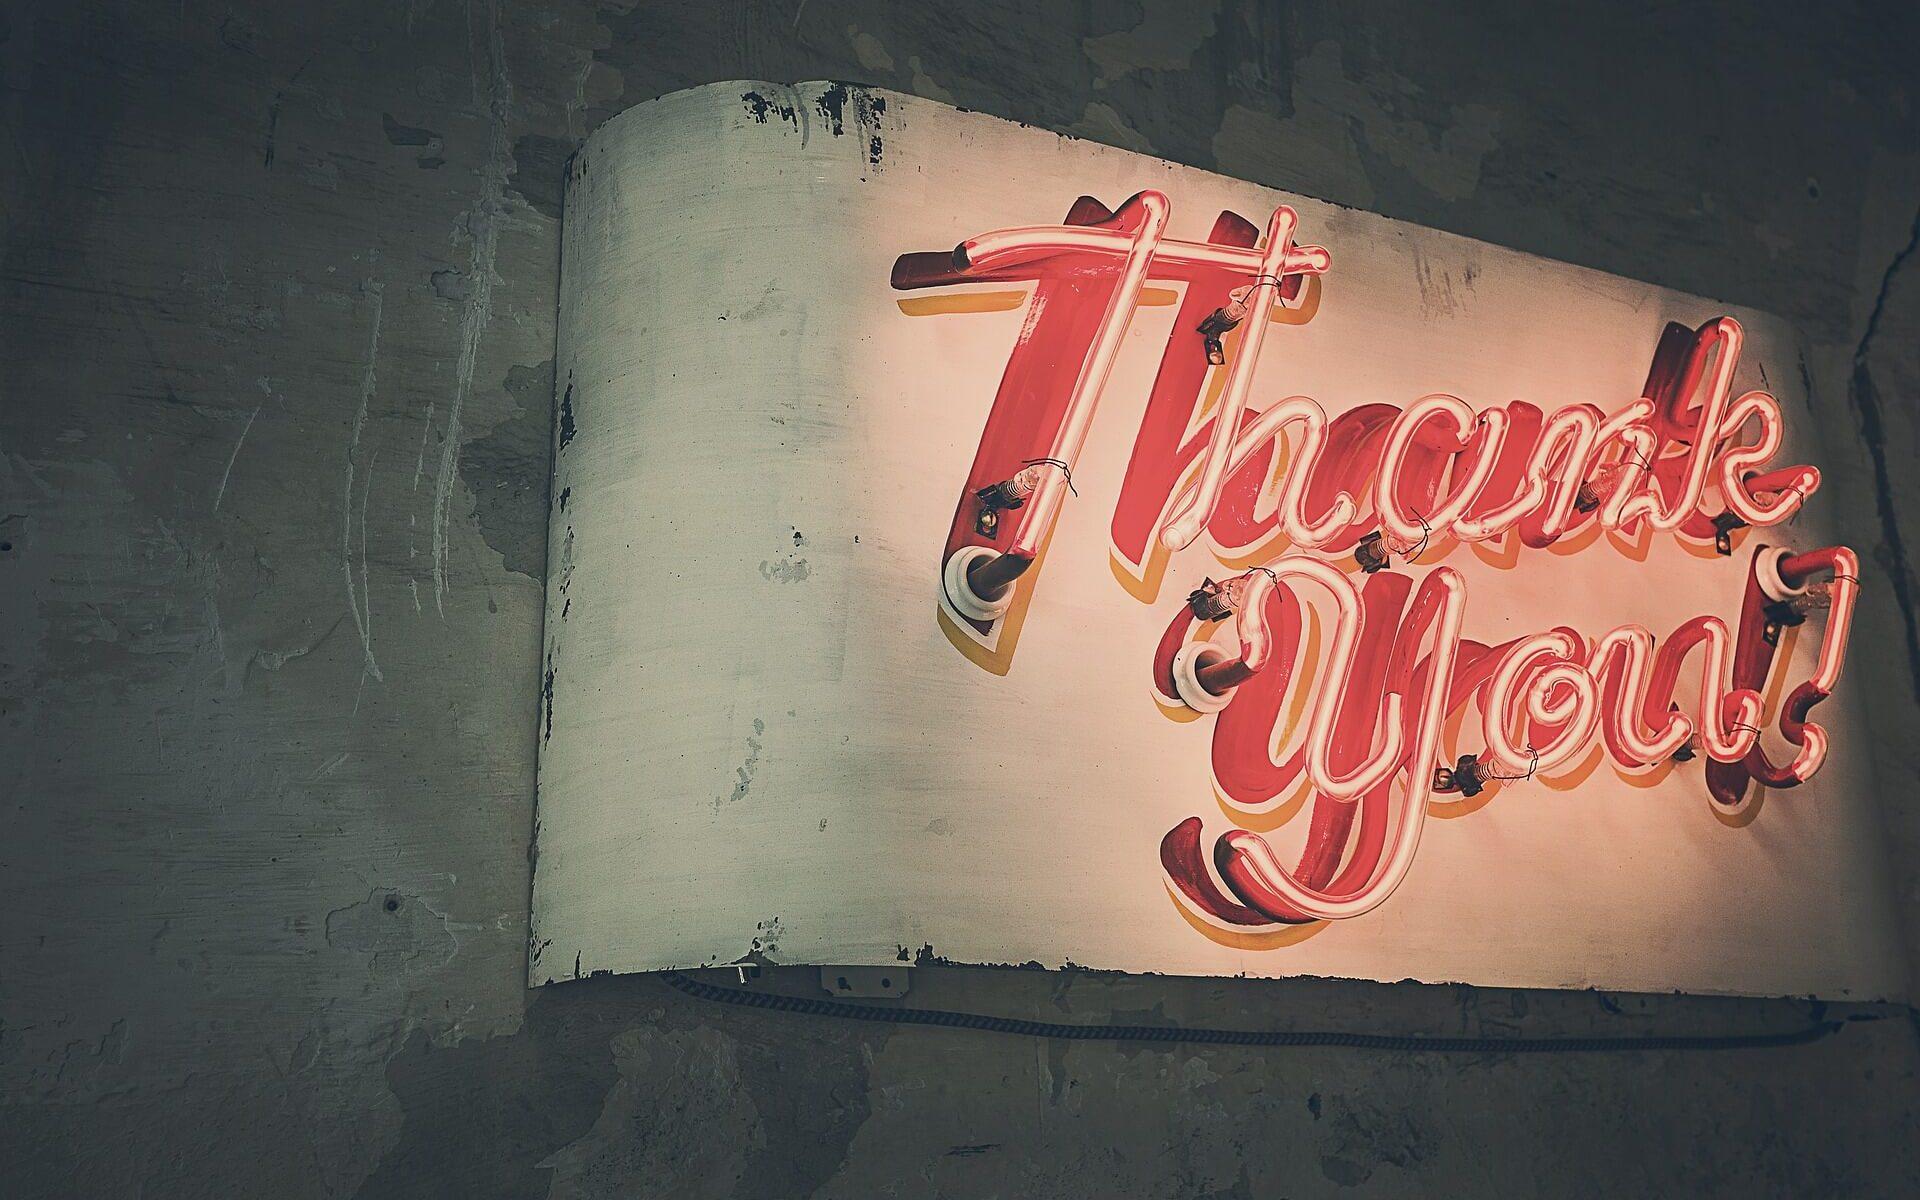 Danke. Merci. Thank you! - von der Kunst zu Danken.